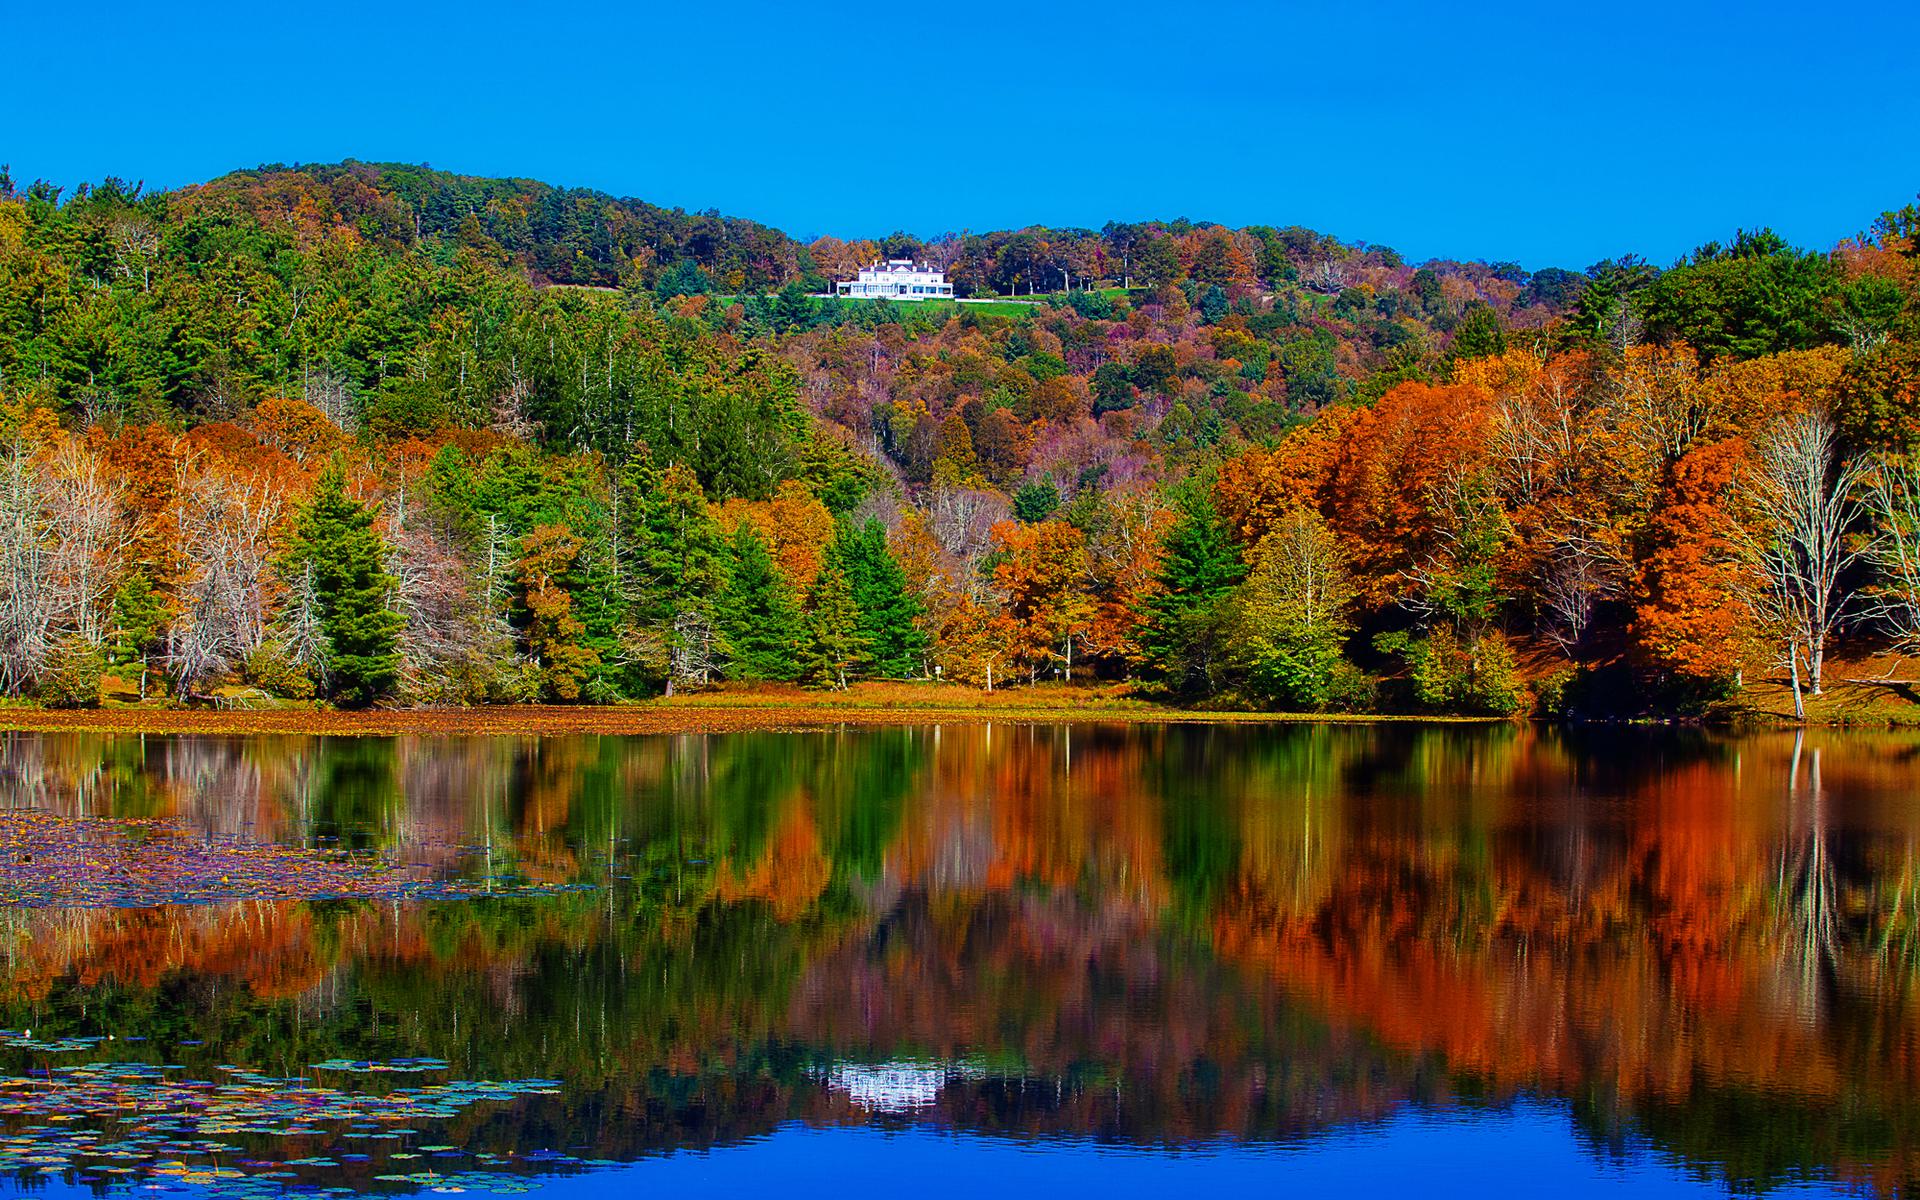 природа озеро дом лес деревья  № 2447905 бесплатно